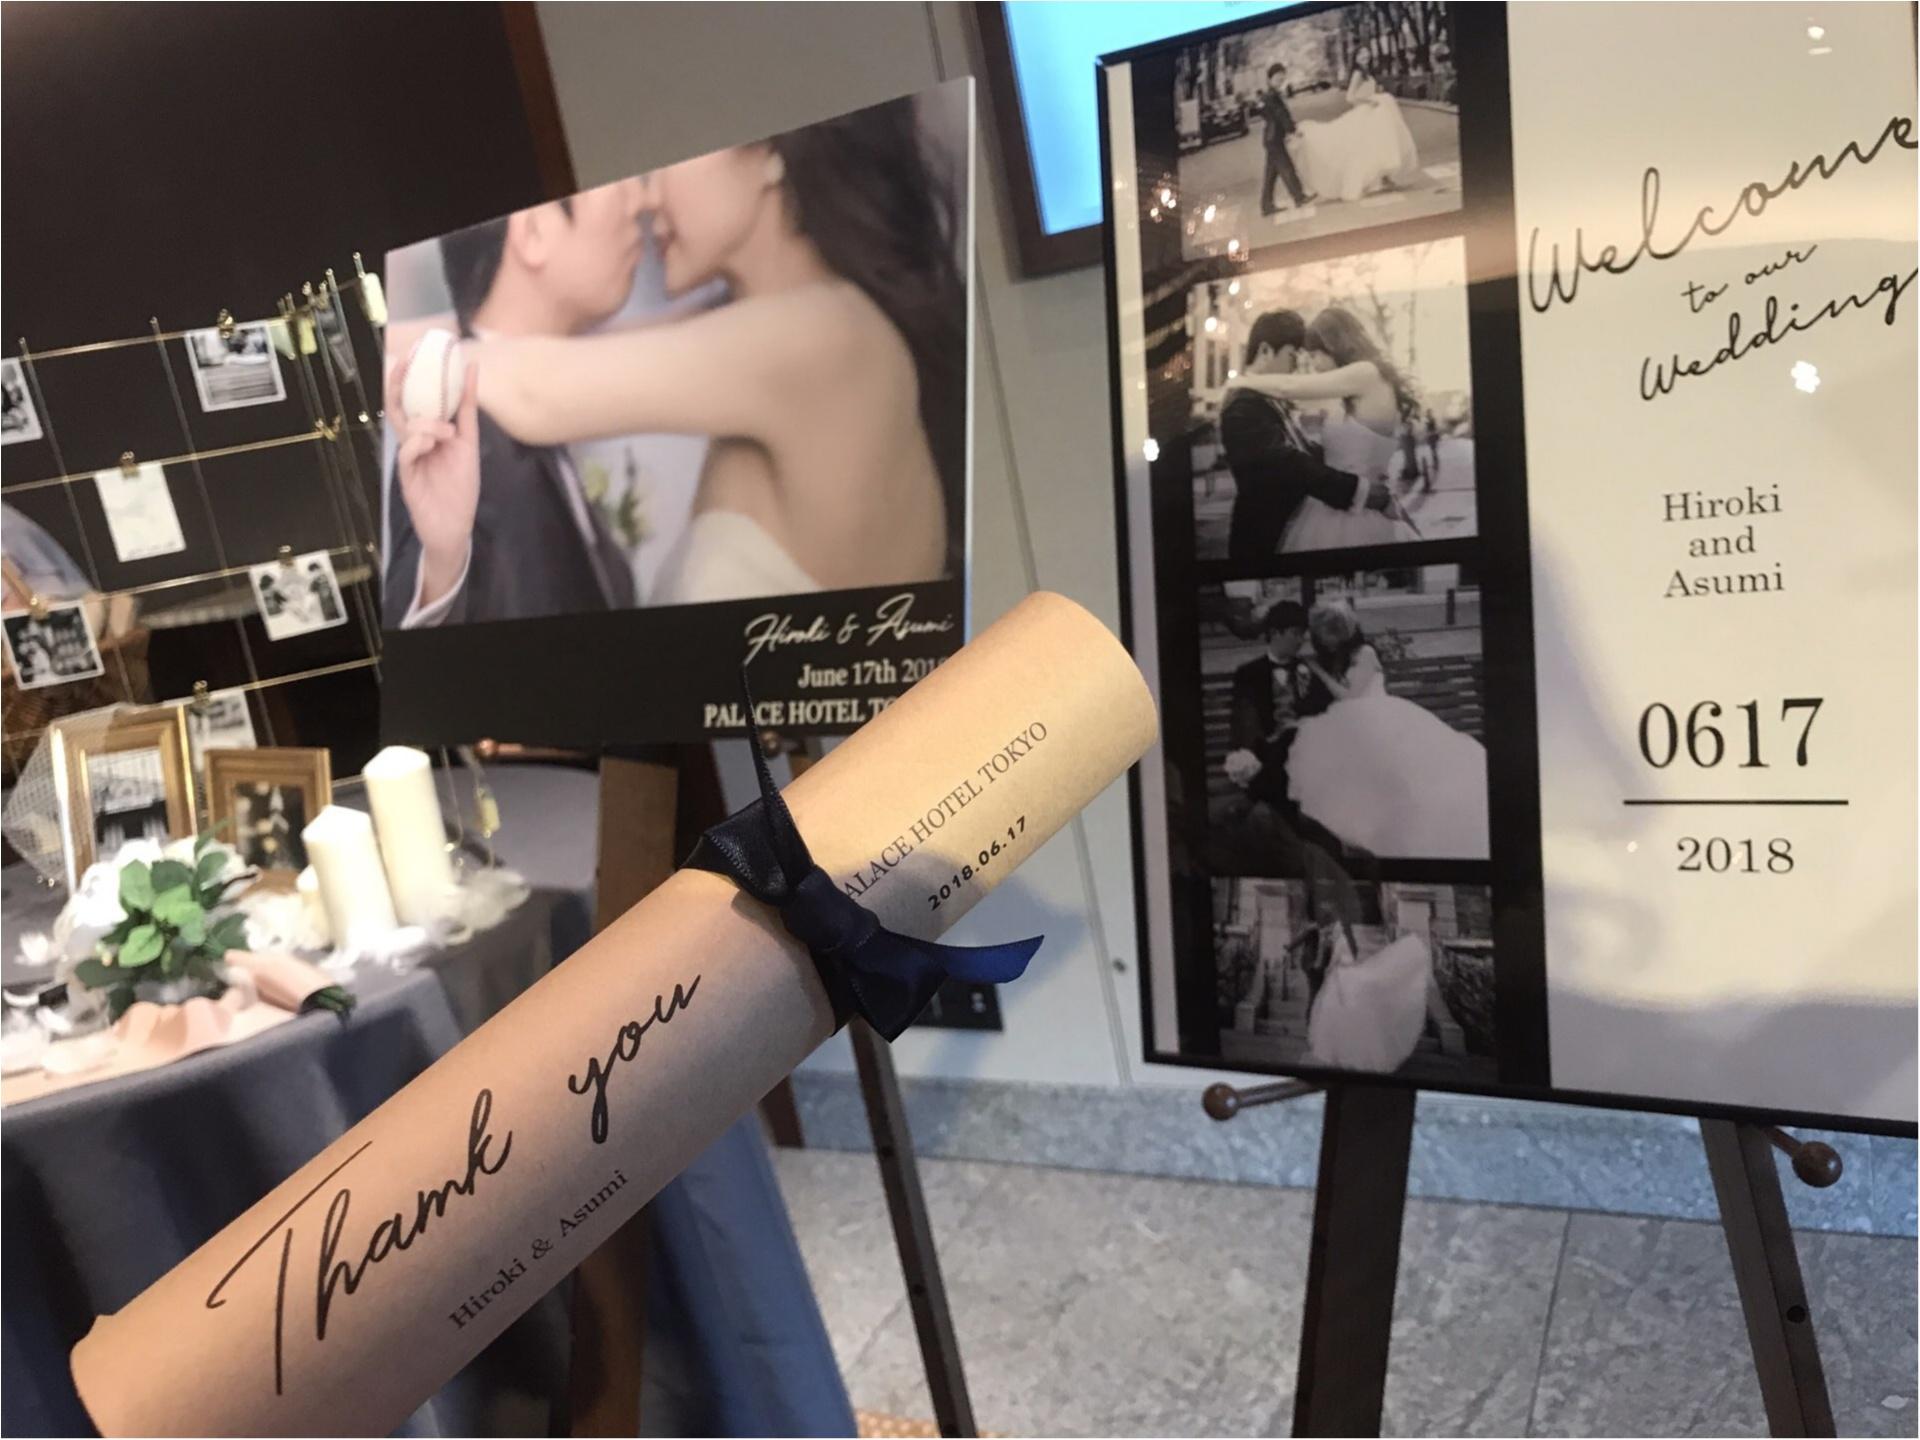 【パレスホテル東京】Happy Wedding❤︎モアハピ部 asuちゃんのアットホームな結婚式♡_1